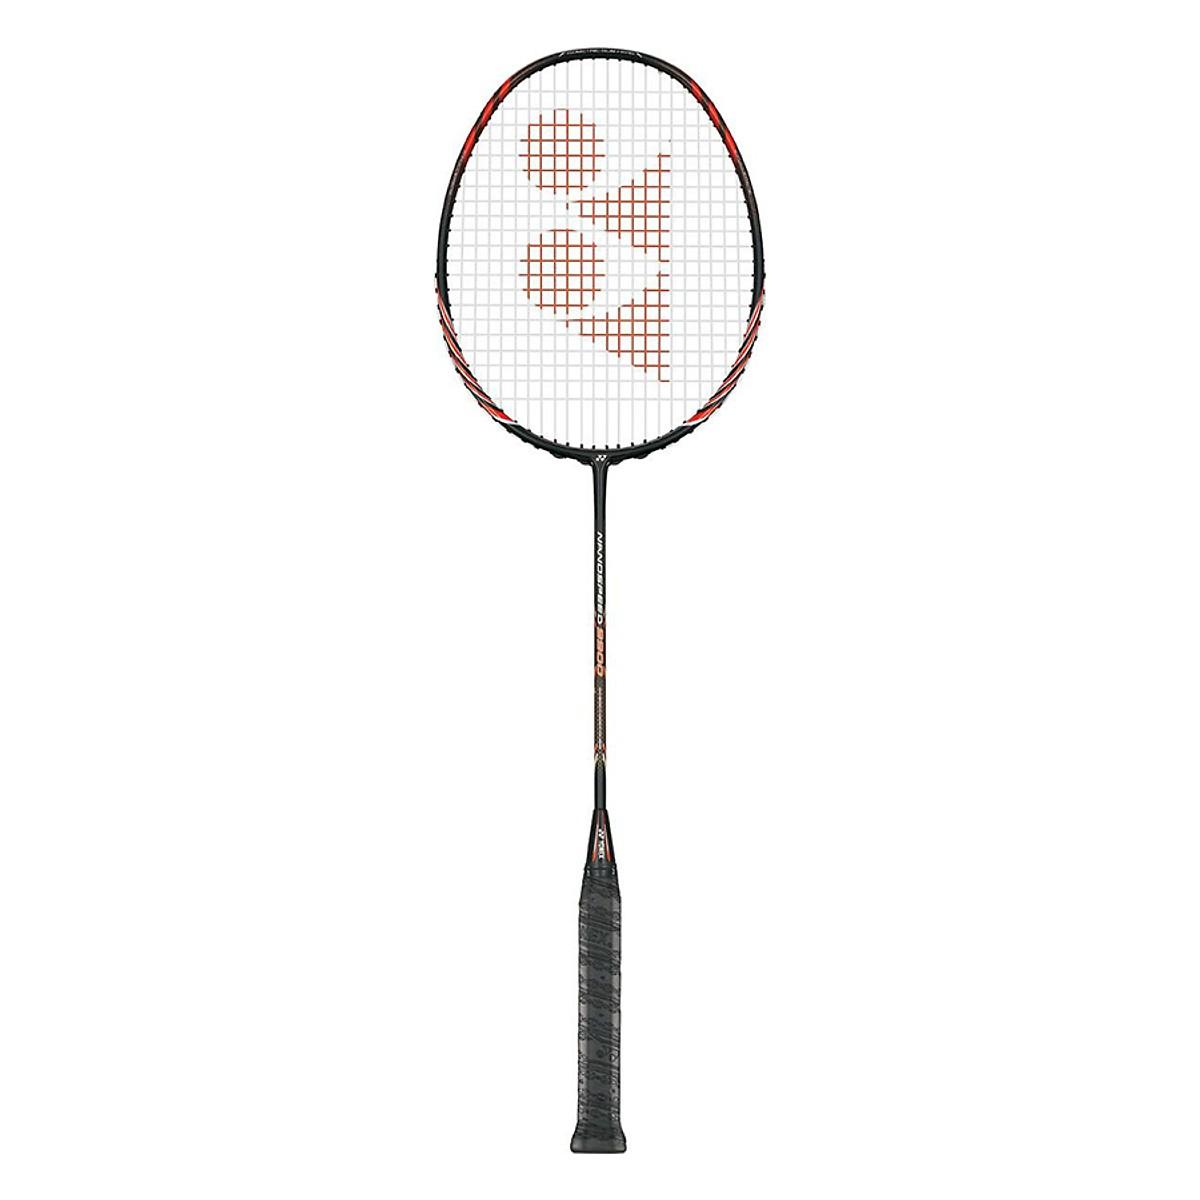 Tiêu chuẩn chọn mua vợt cầu lông nào tốt nhất cần biết 2